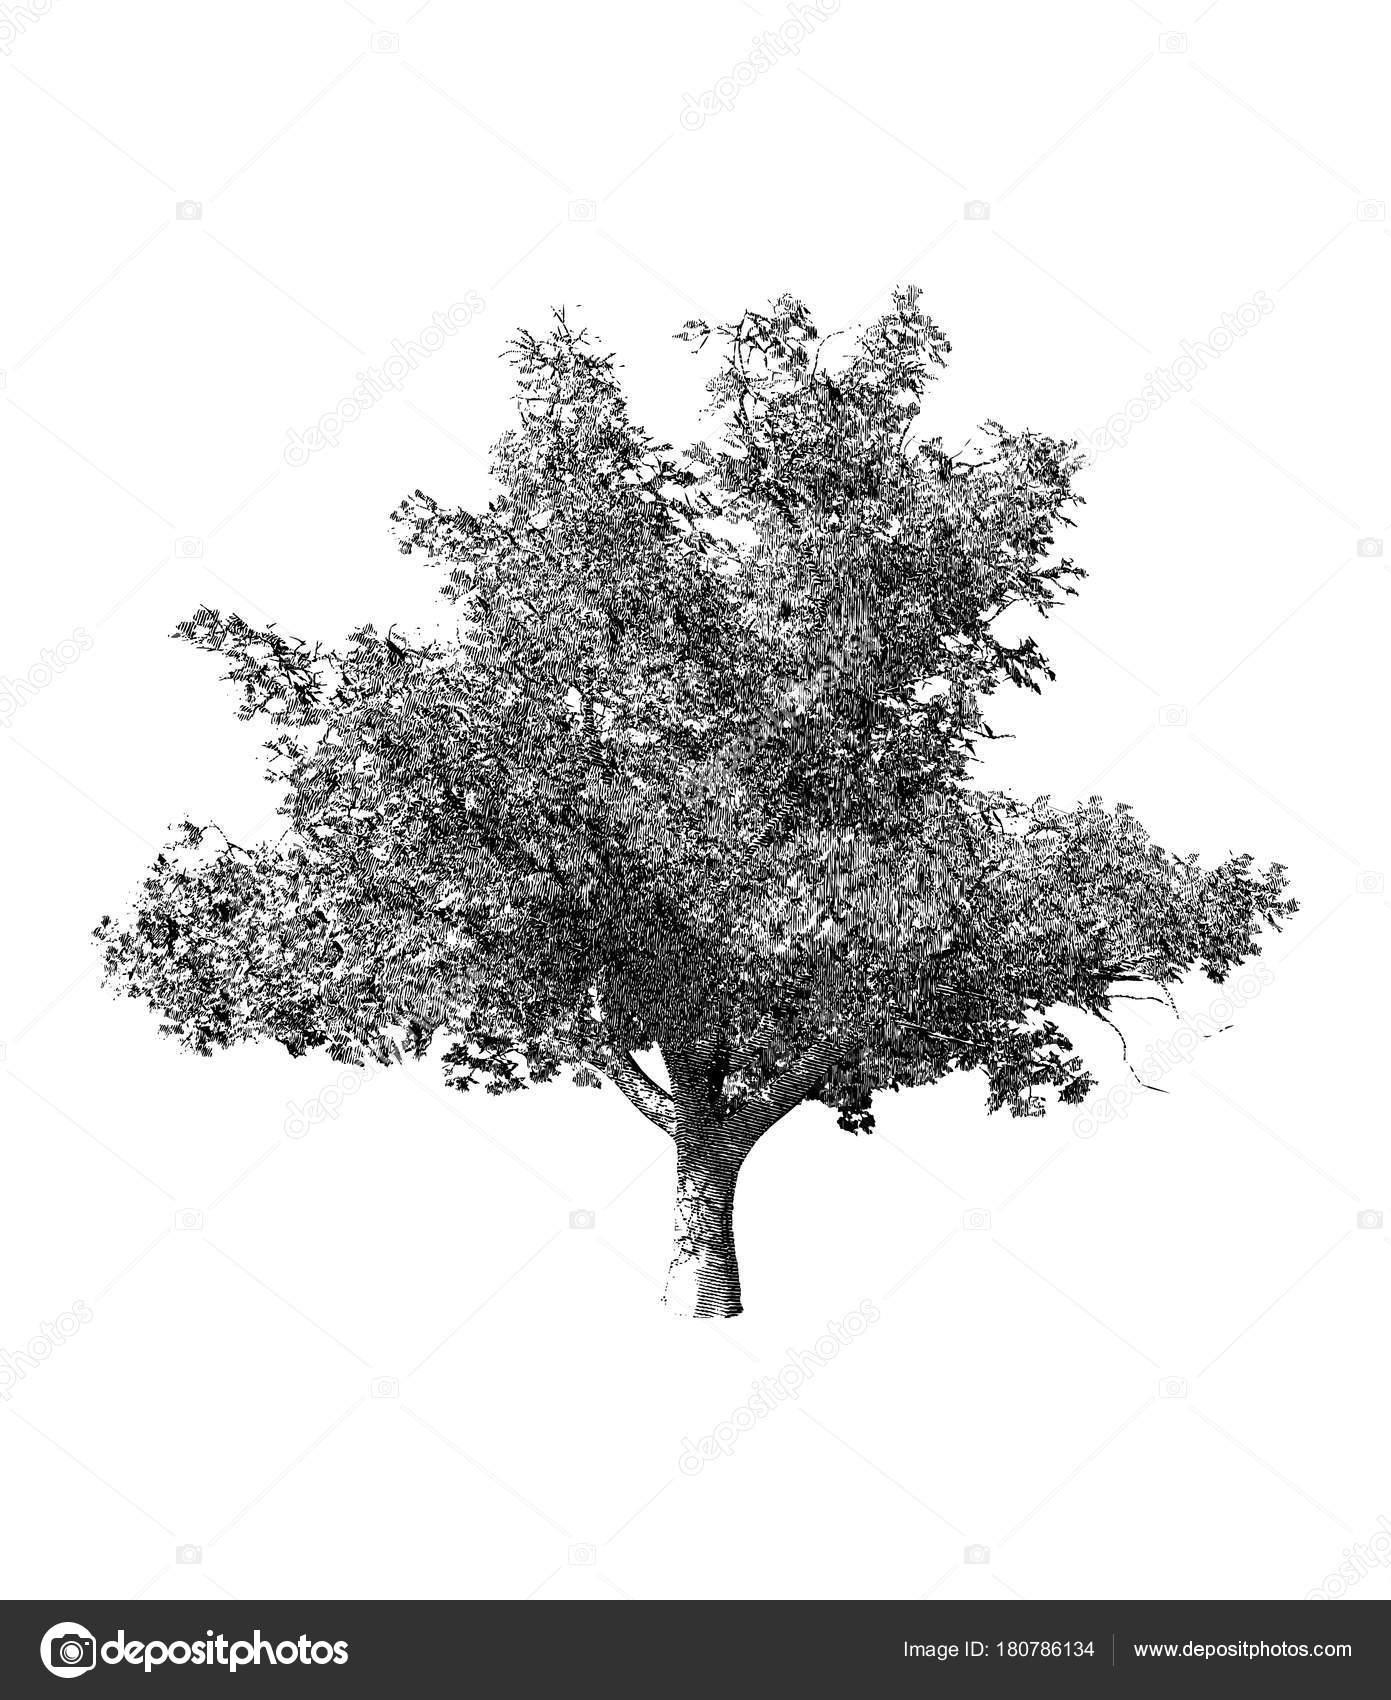 Arbre Noir Et Blanc Dessin Illustration Image Vectorielle